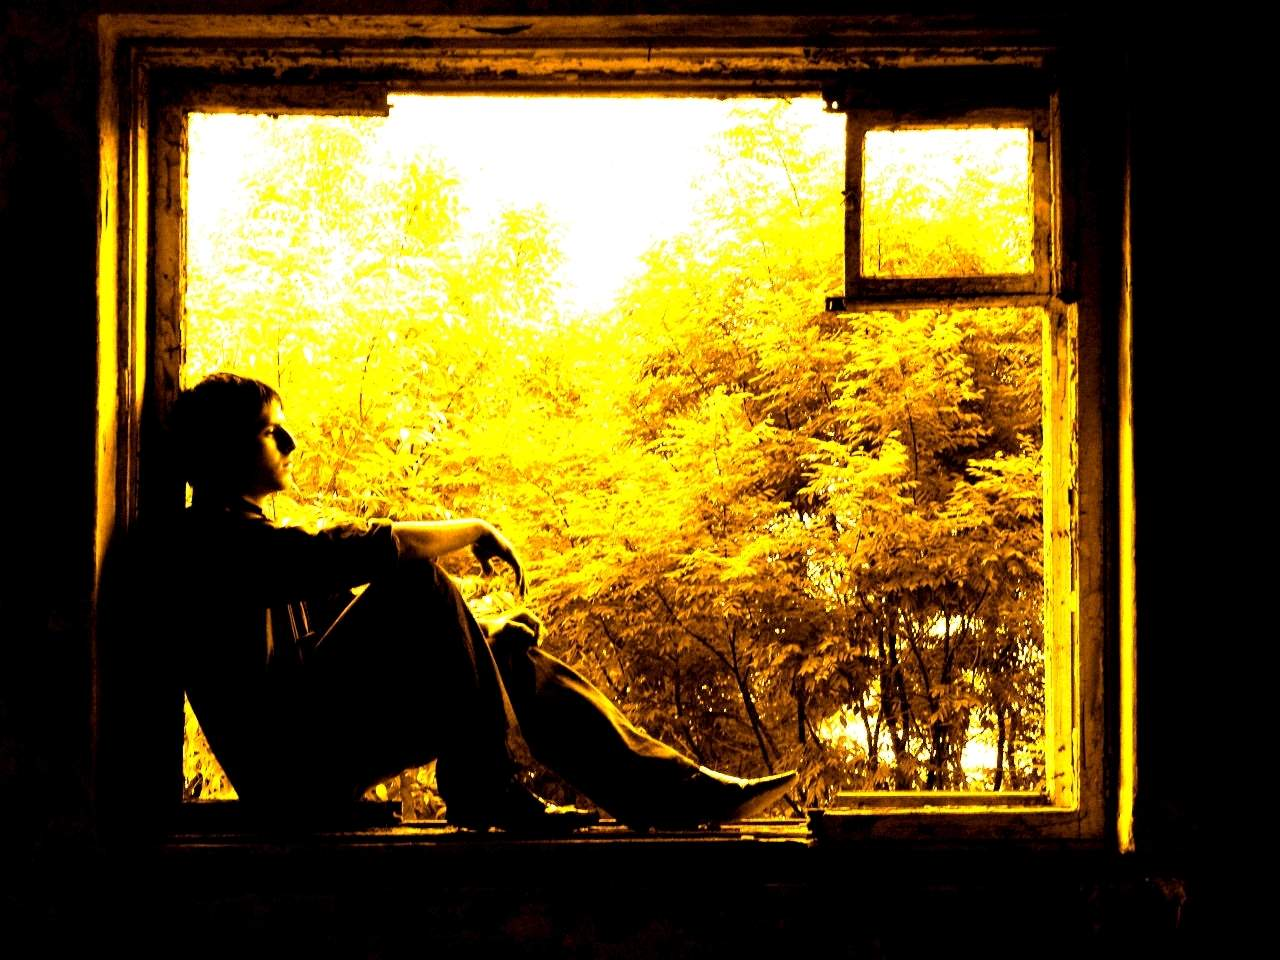 осень, желтые листья в окне, меланхолия, скачать фото, обои для рабочего стола